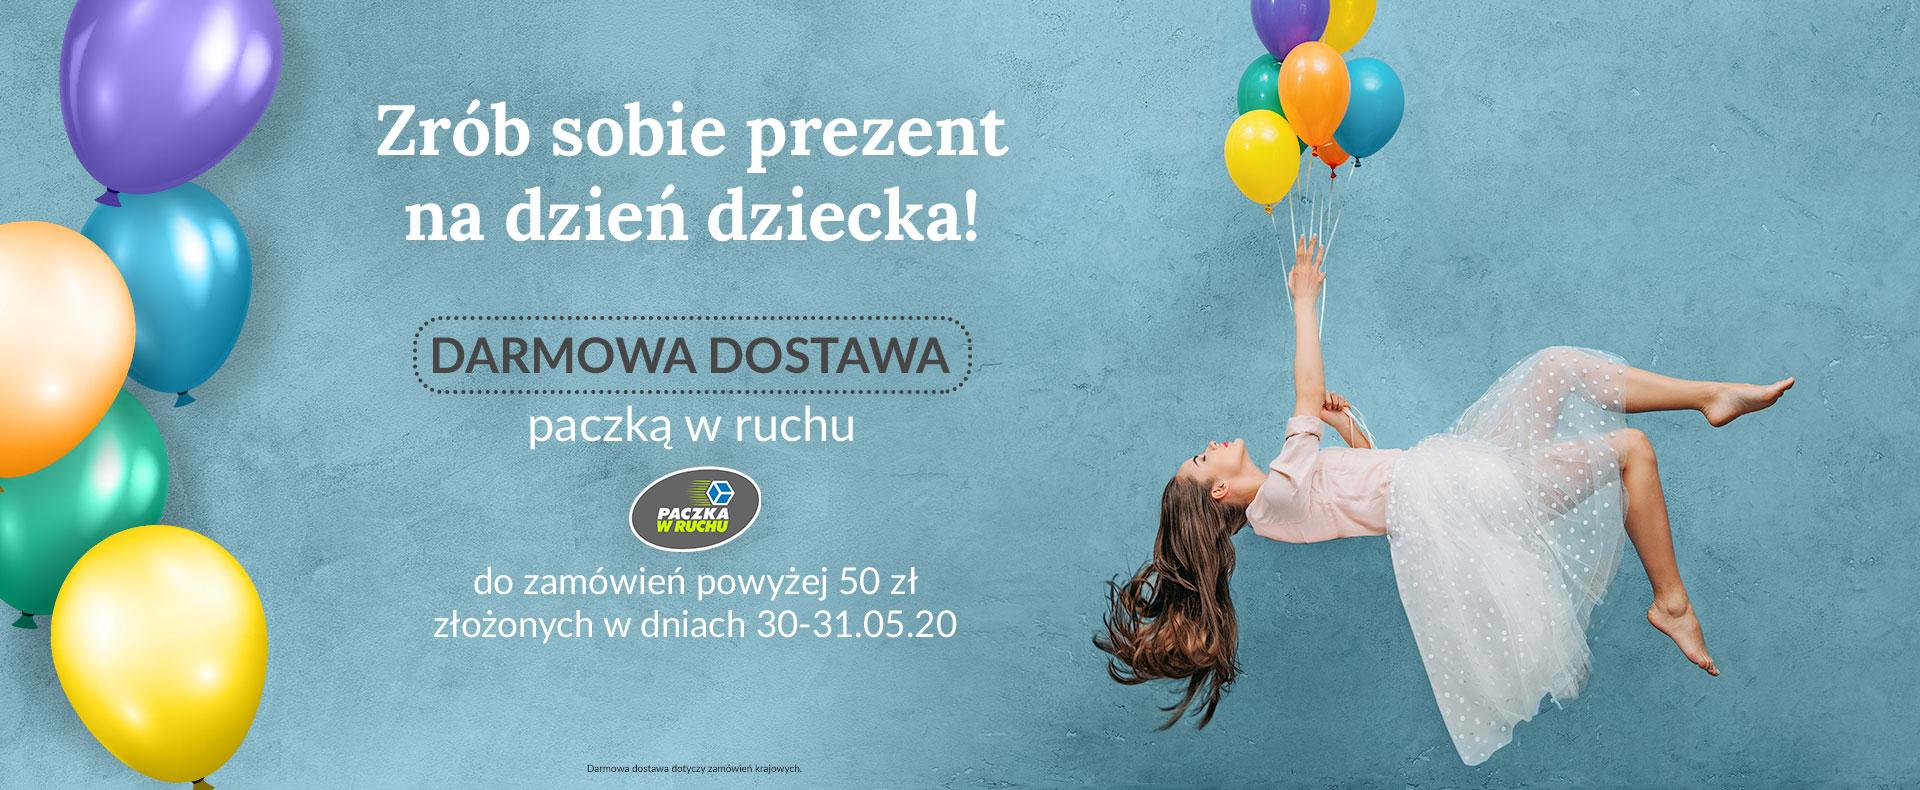 Ezebra.pl - darmowa dostawa dla zamówien powyżej 50 zł